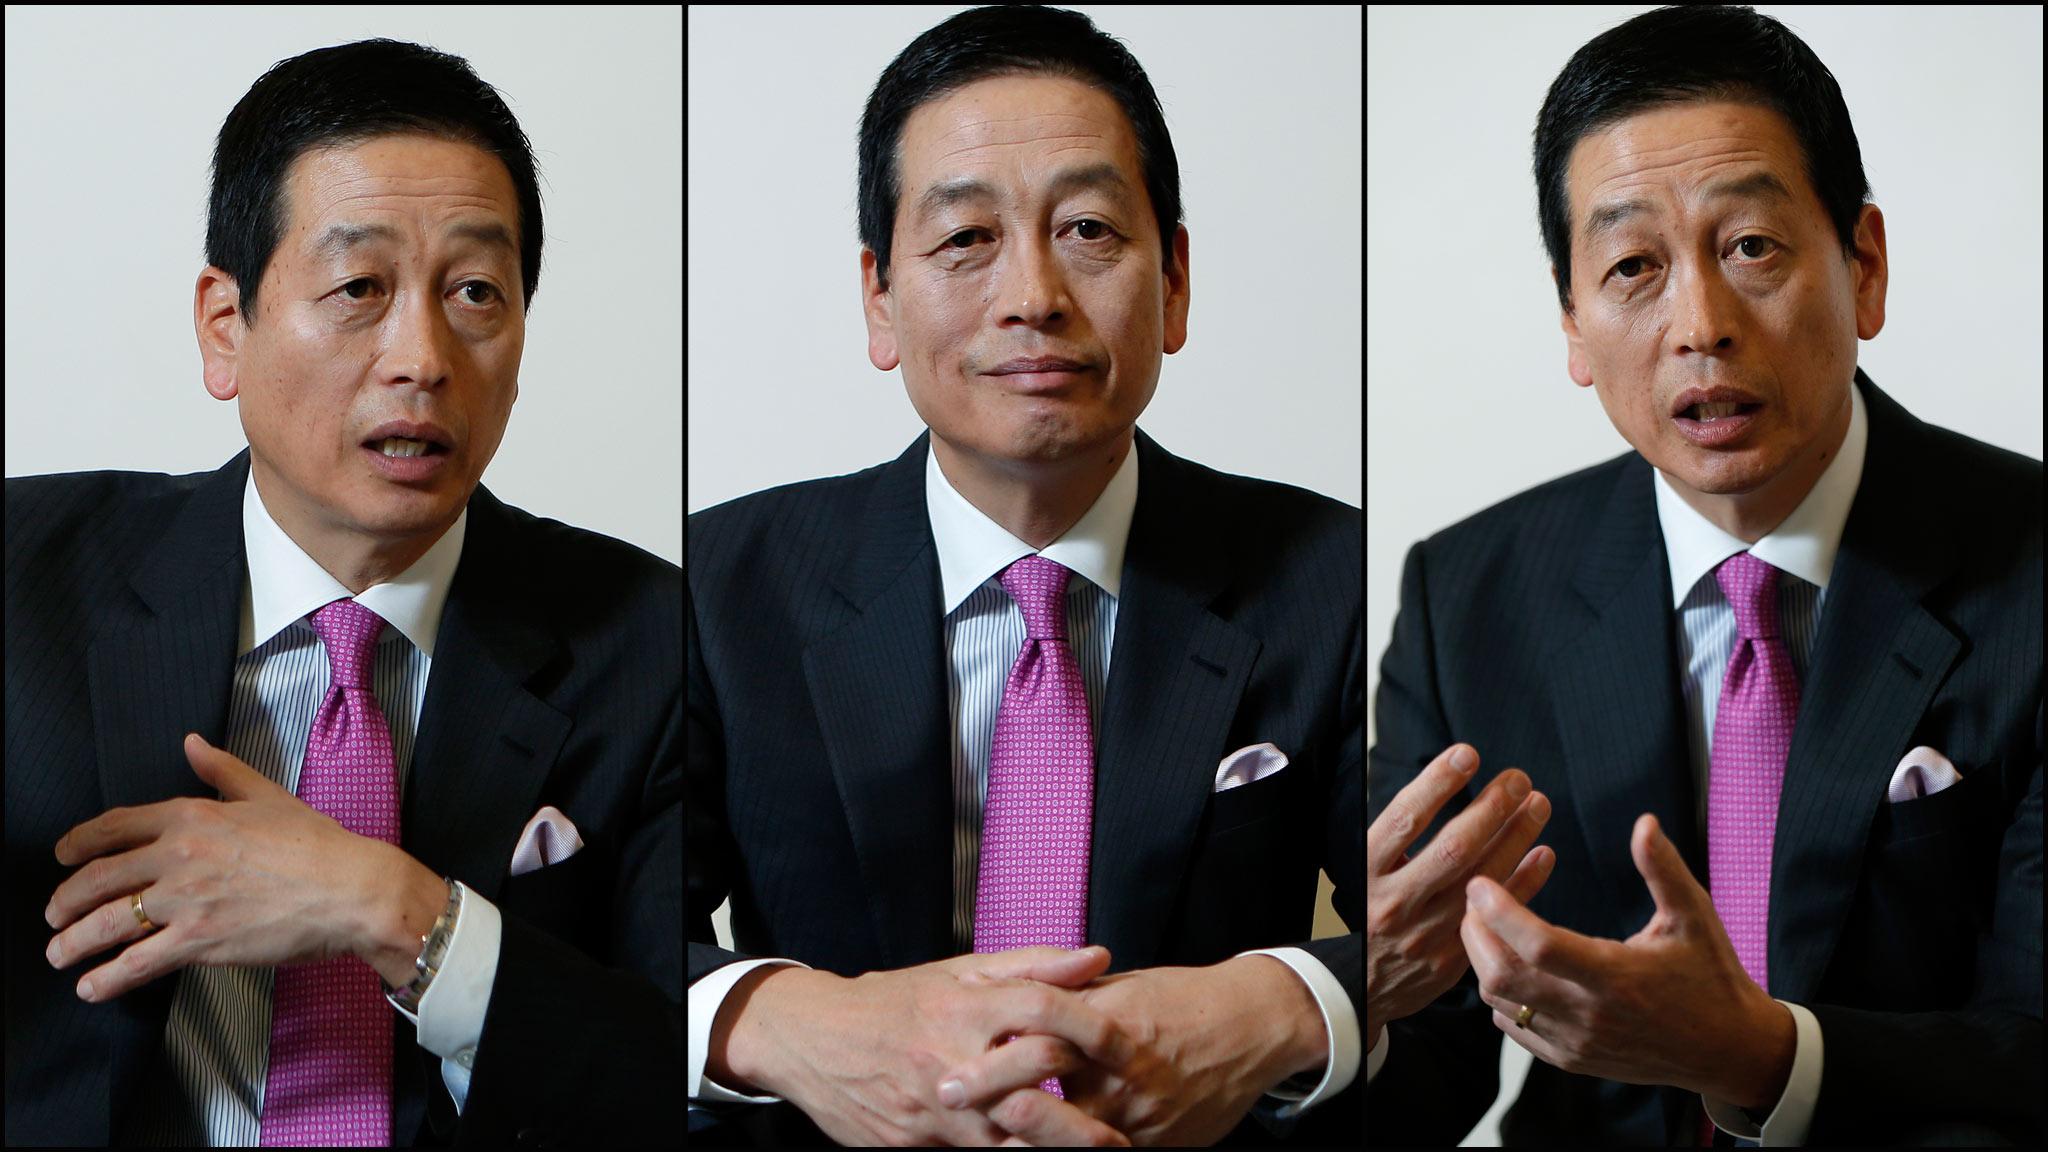 Masahiko Uotani, Shiseido CEO: from Coke to cosmetics